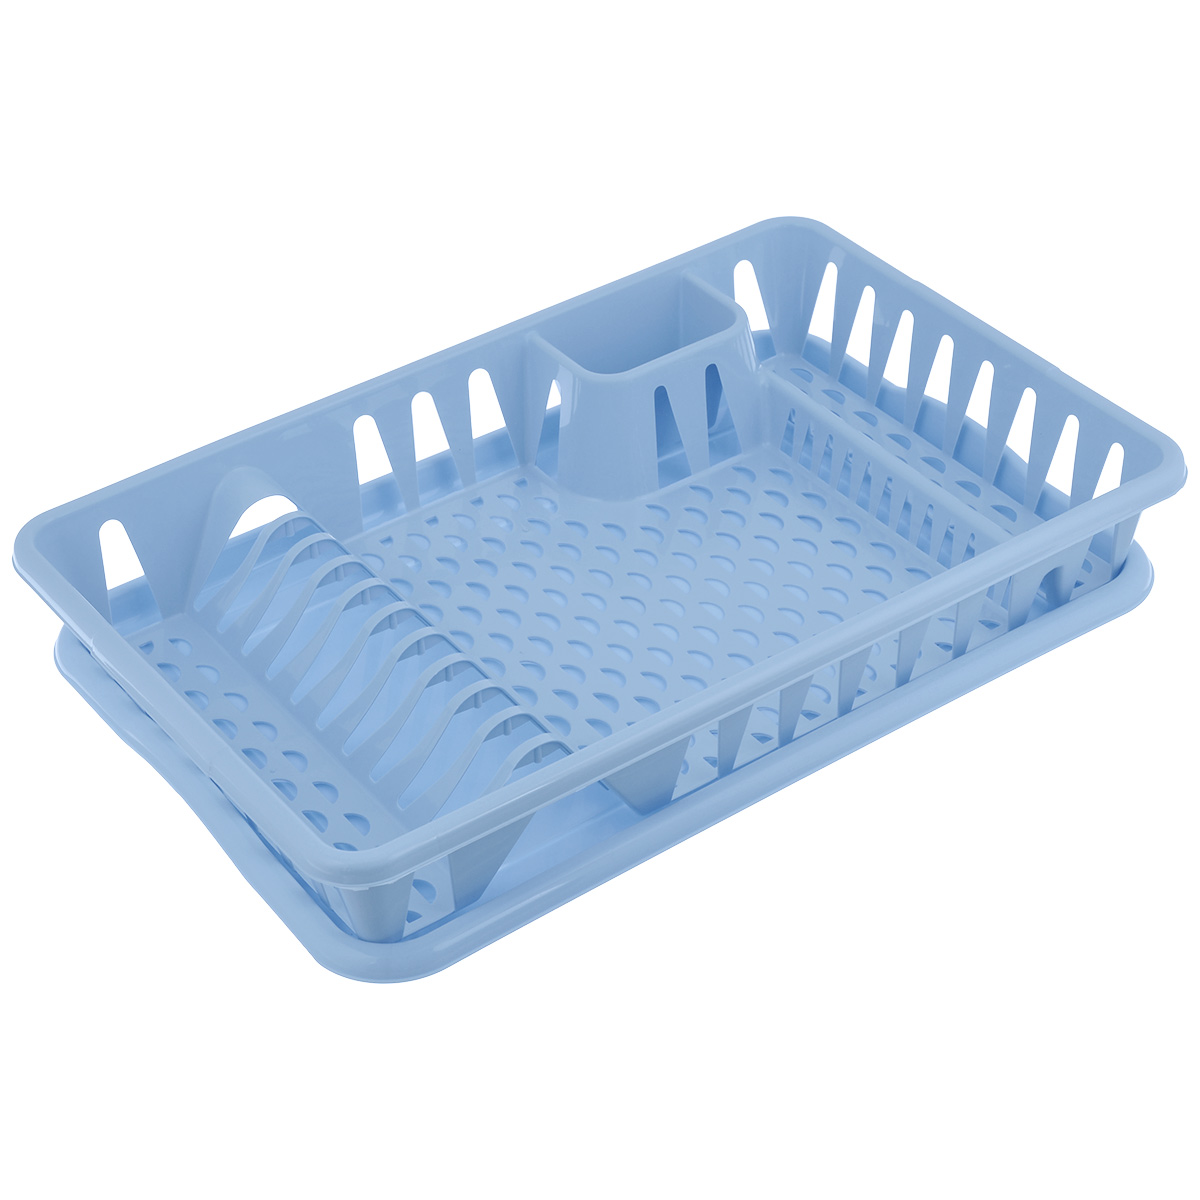 Сушилка для посуды Idea, с поддоном, цвет: голубой, 50 см х 32,5 см х 8 смMT-1951Сушилка Idea, выполненная из прочного пластика, представляет собой решетку с ячейками, в которые помещается посуда: тарелки, кружки, ложки, ножи. Изделие оснащено пластиковым поддоном для стекания воды. Сушилку можно установить в любом удобном месте. На ней можно разместить большое количество предметов. Вместительные размеры и оригинальный дизайн выделяют эту сушку из ряда подобных.Размер сушилки: 46,5 см х 37 см х 9 см. Размер поддона: 48,5см х 32 см х 2,5 см.